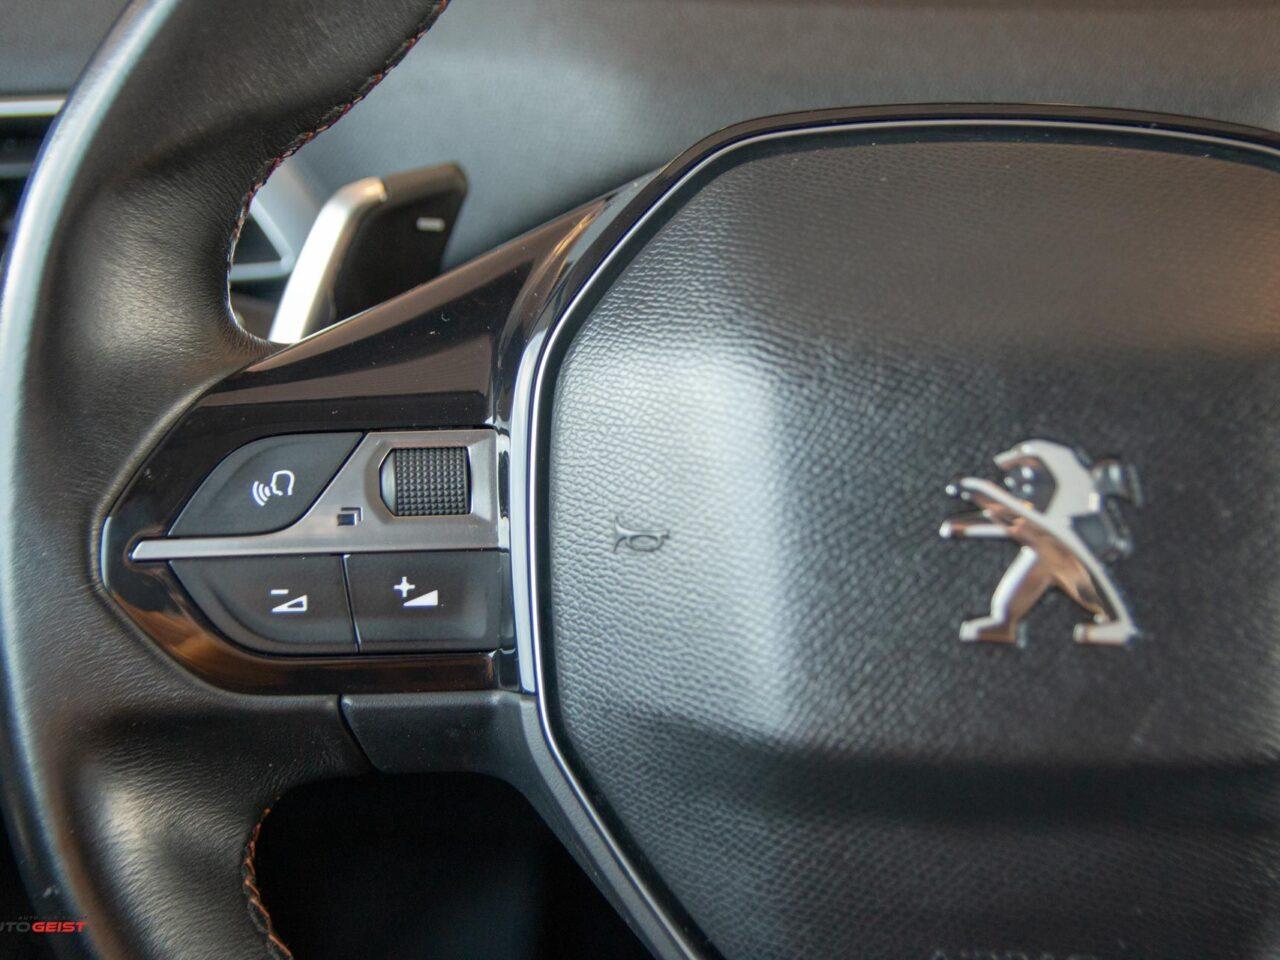 Peugeot-3008-9859